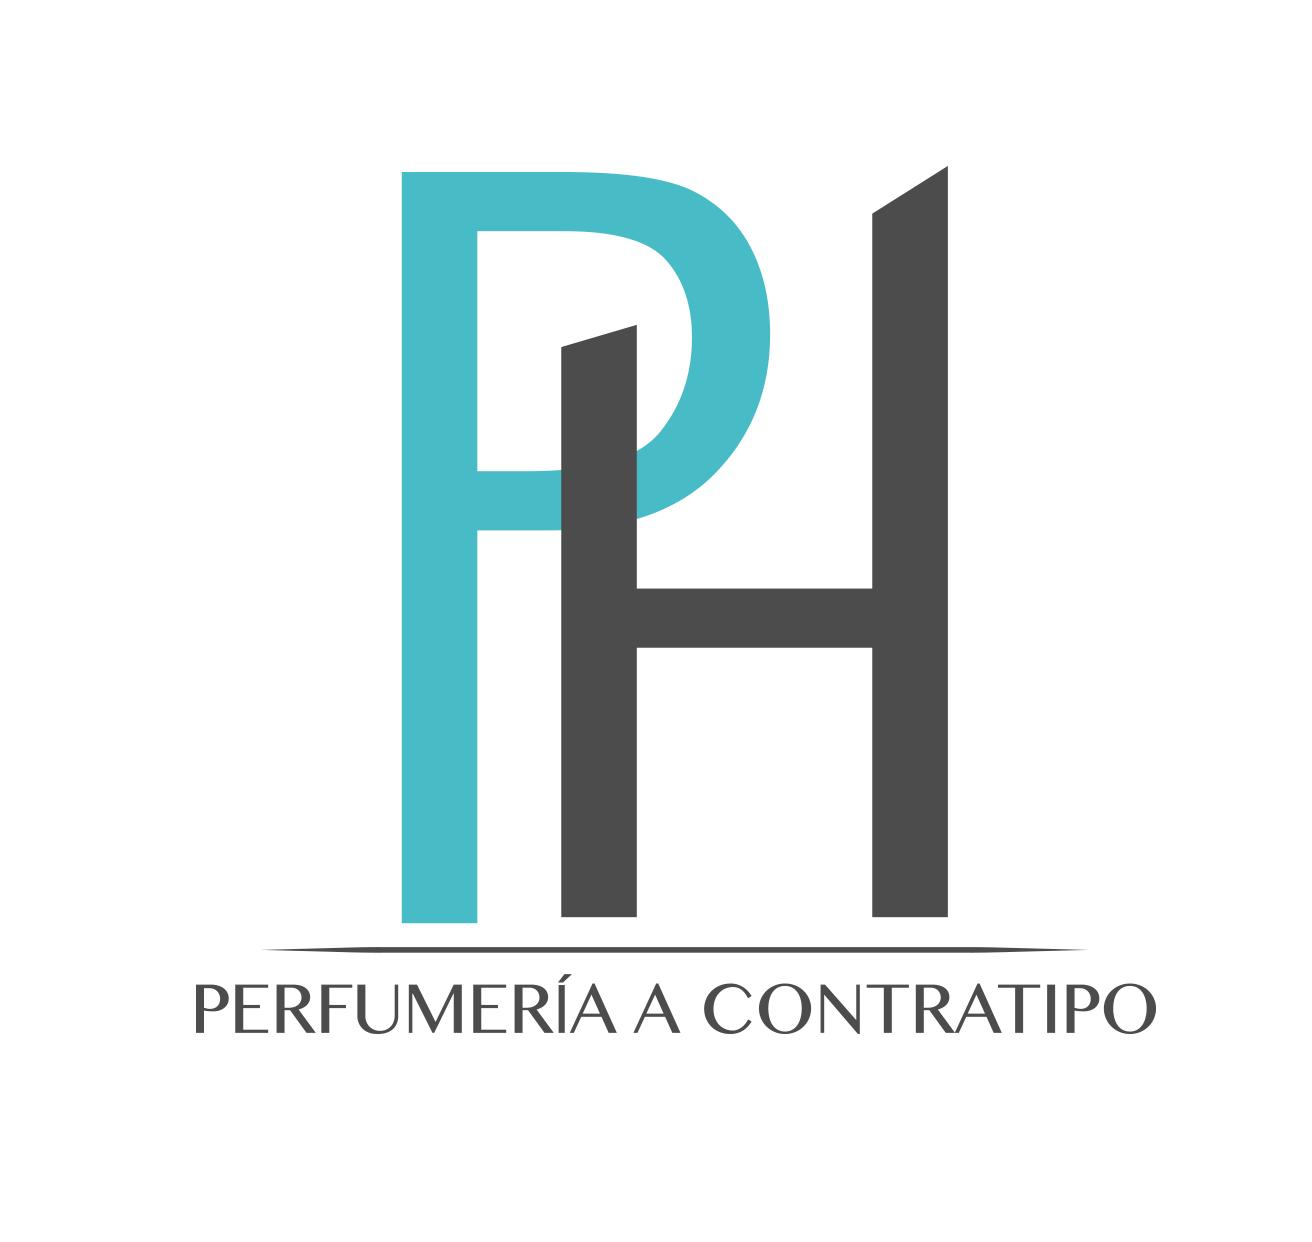 PH Perfumería a Contratipo